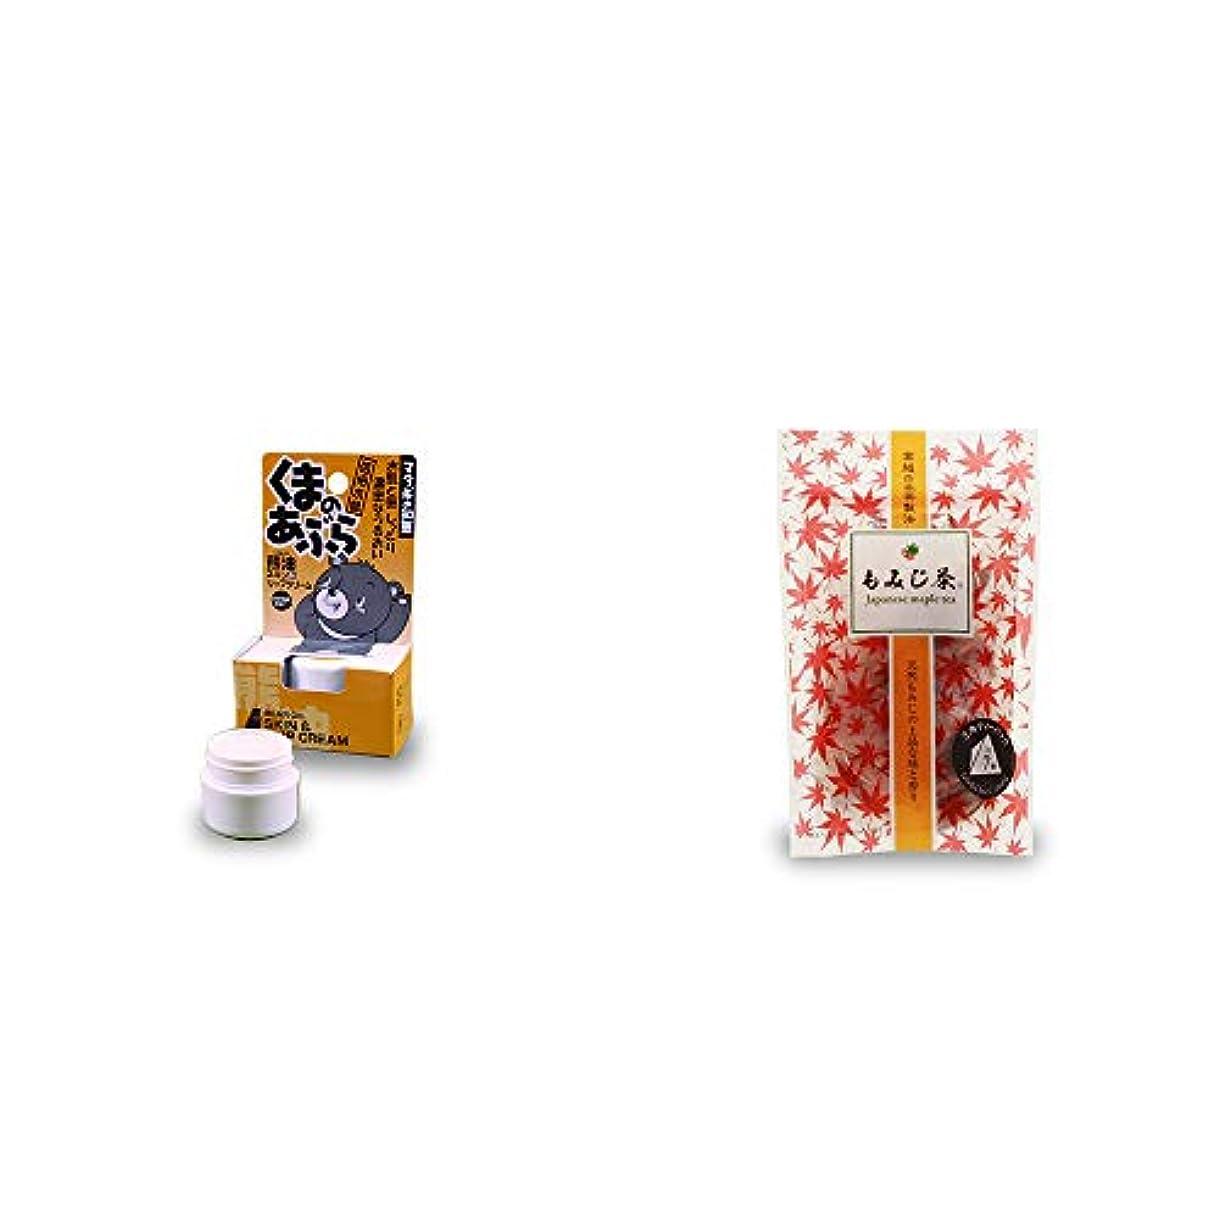 描く上陸サーカス[2点セット] 信州木曽 くまのあぶら 熊油スキン&リップクリーム(9g)?もみじ茶(7パック入)